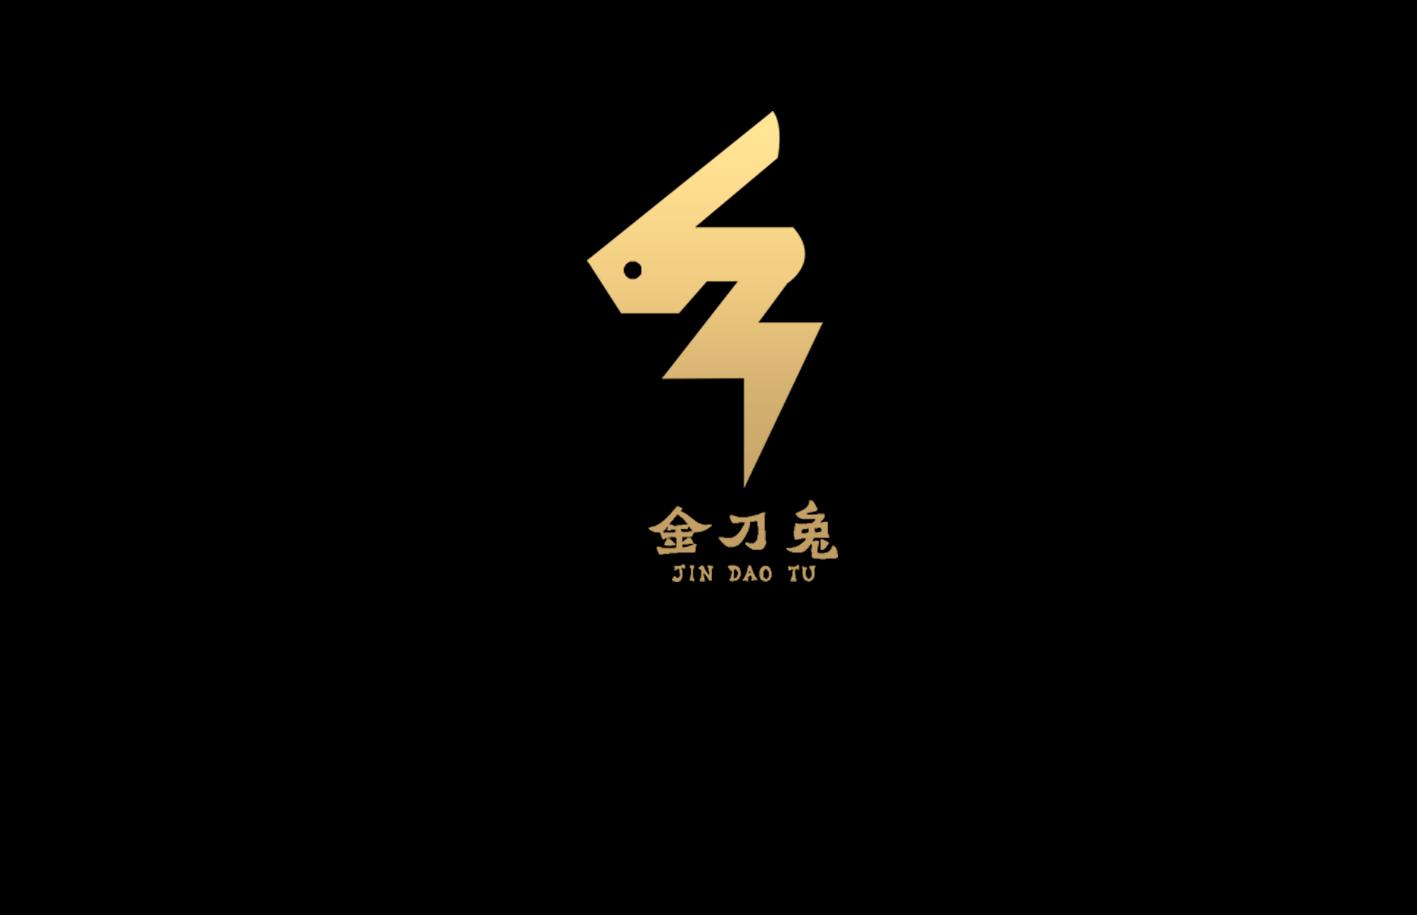 公司logo和招牌设计